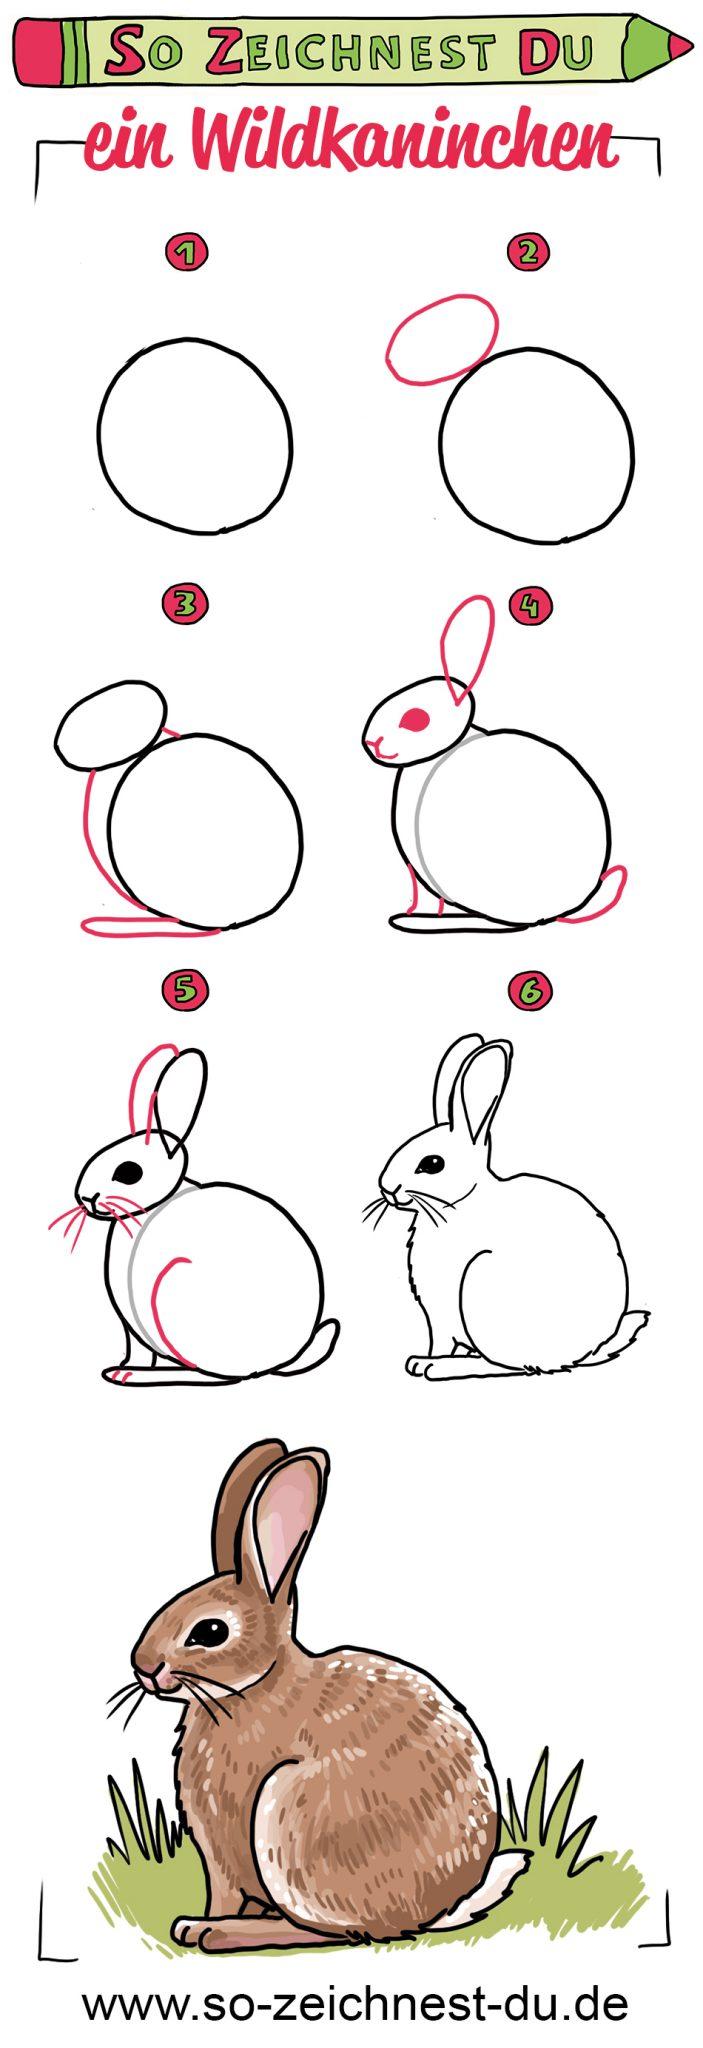 So zeichnest du ein Wildkaninchen Zeichenschule